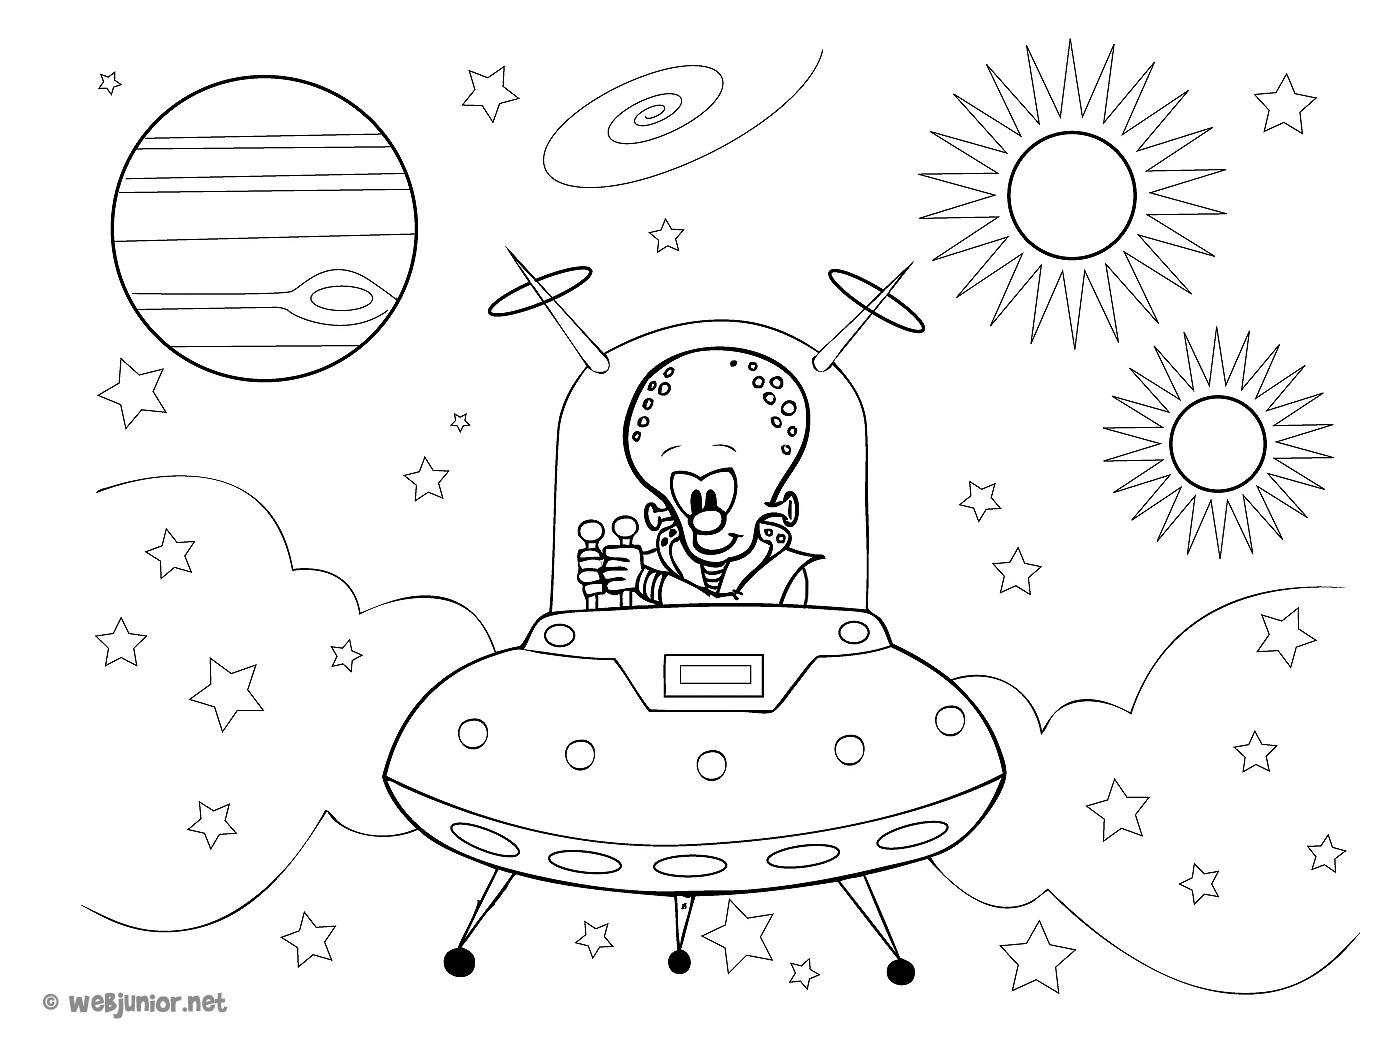 Un alien dans sa navette coloriage personnages gratuit sur webjunior - Dessin extra terrestre ...